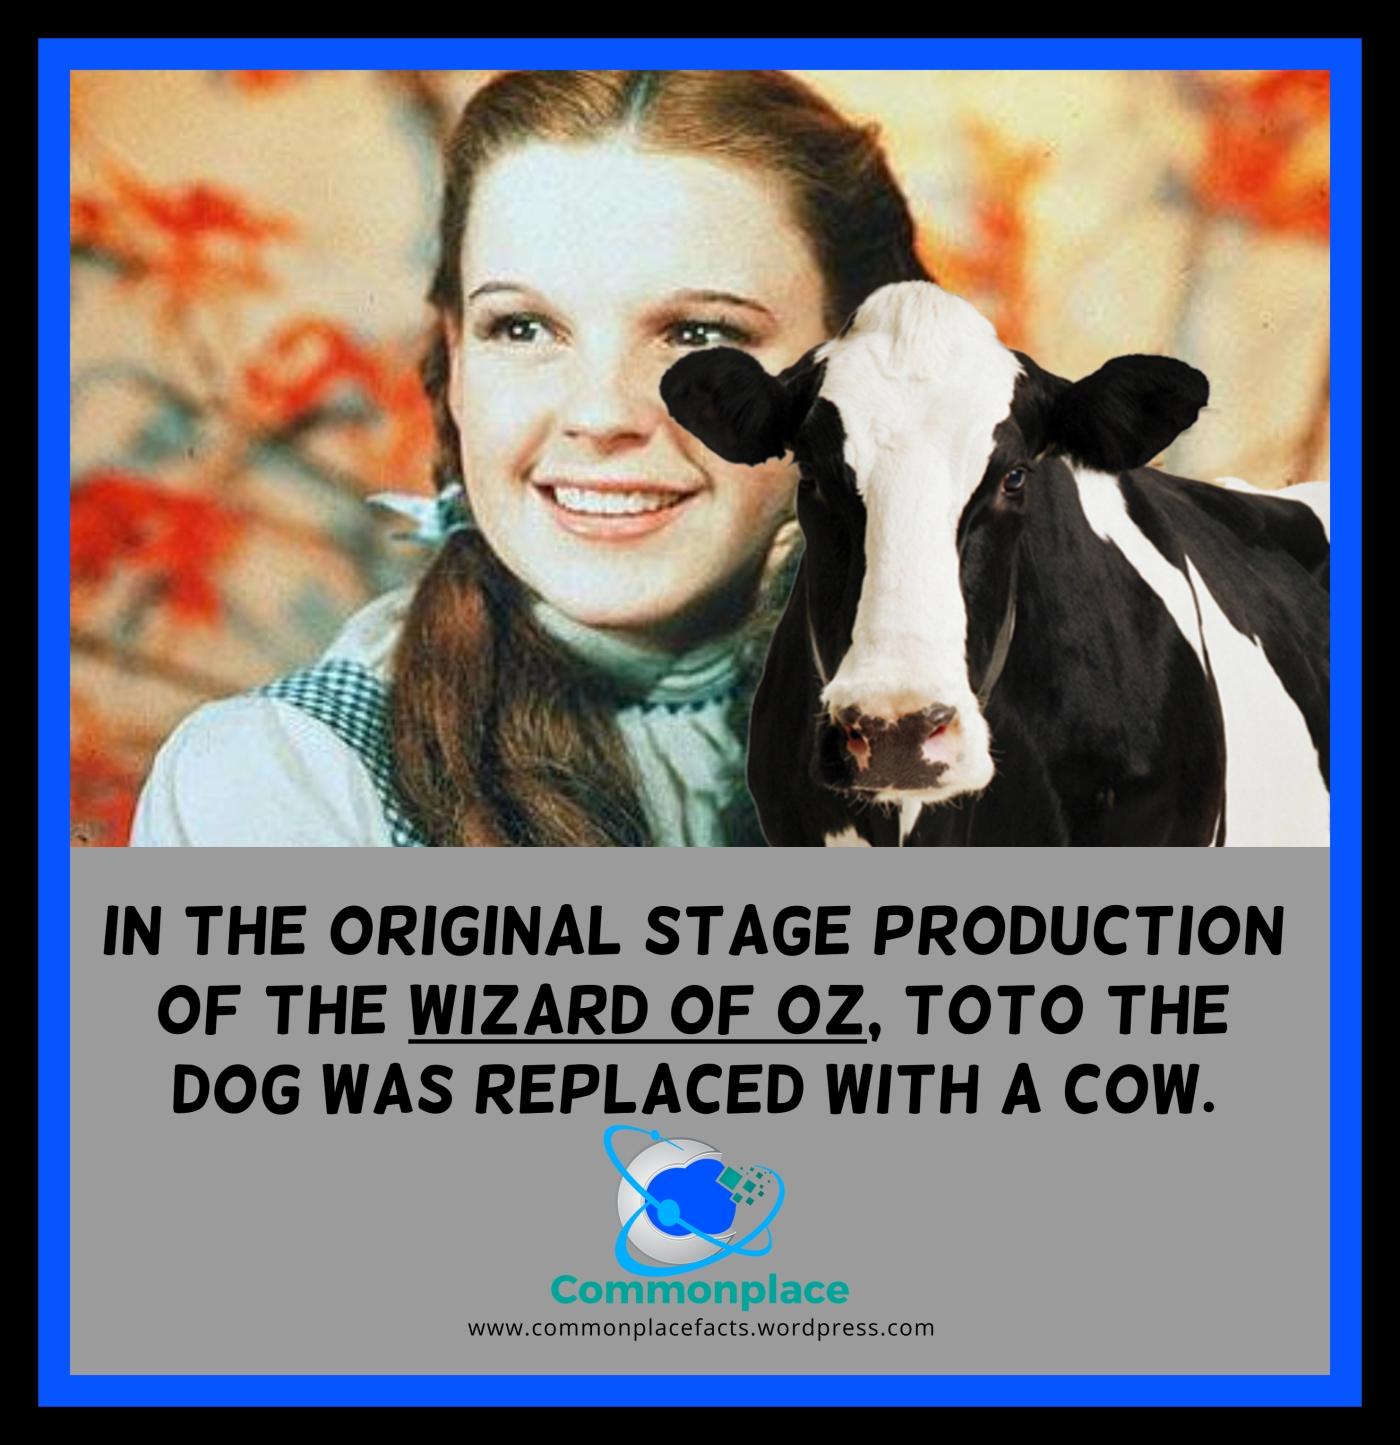 #WizardofOz #Toto #cows #dogs #movies #theater #entertainment